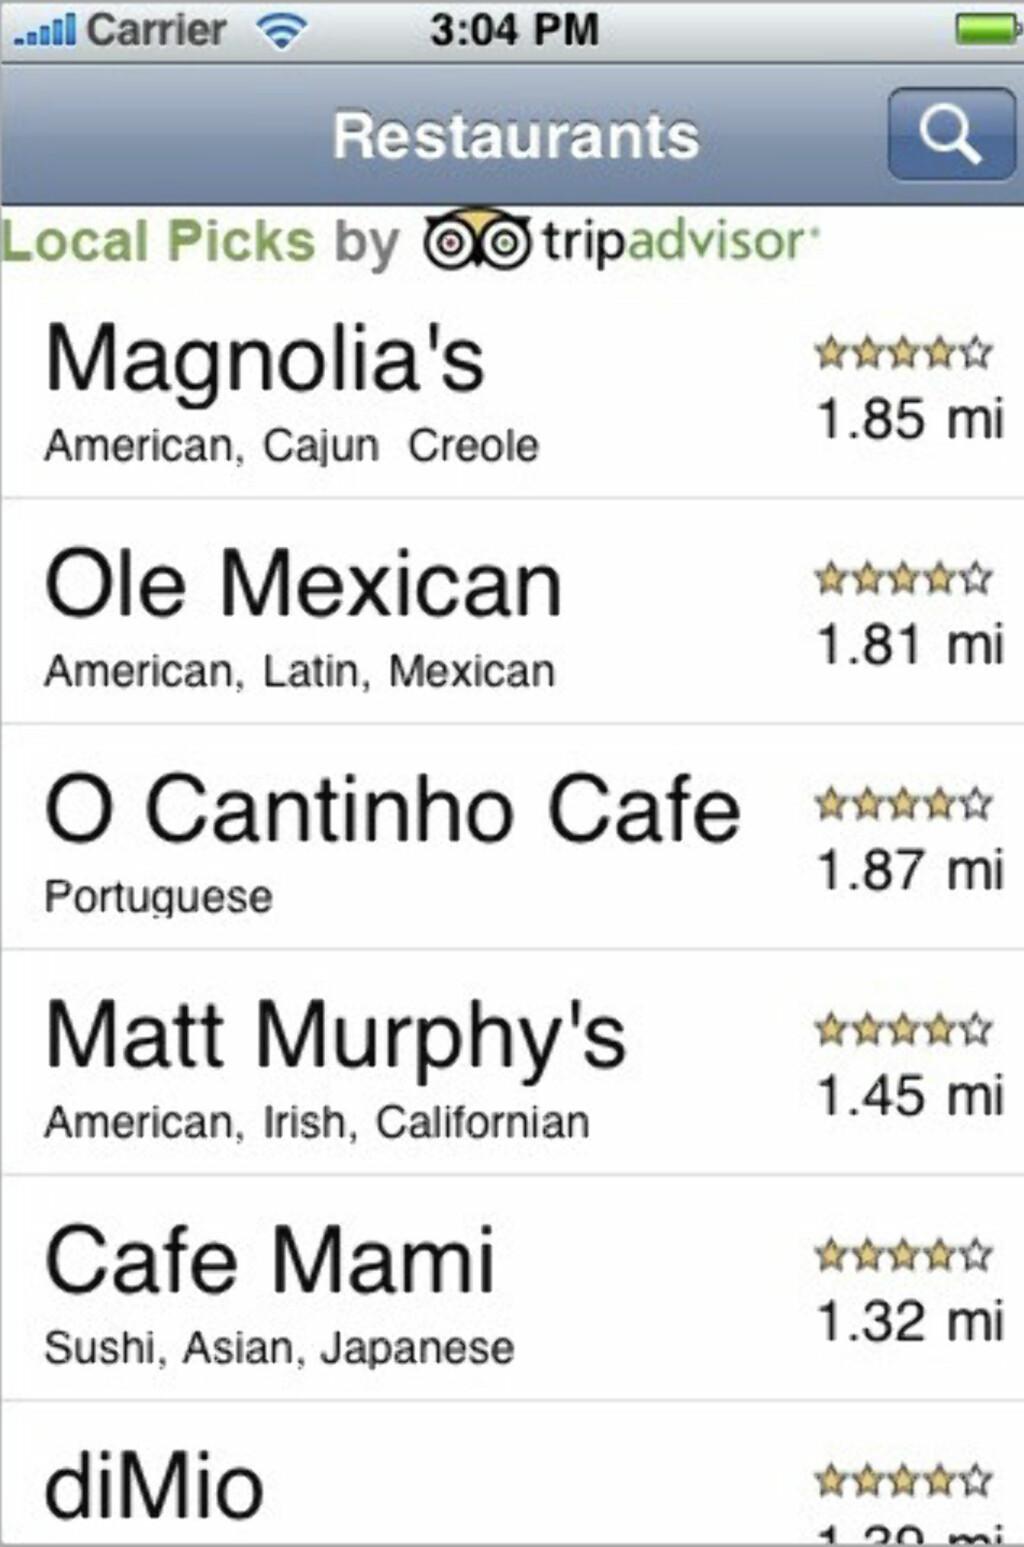 Local picks har over 400.000 restauranter i databasen.